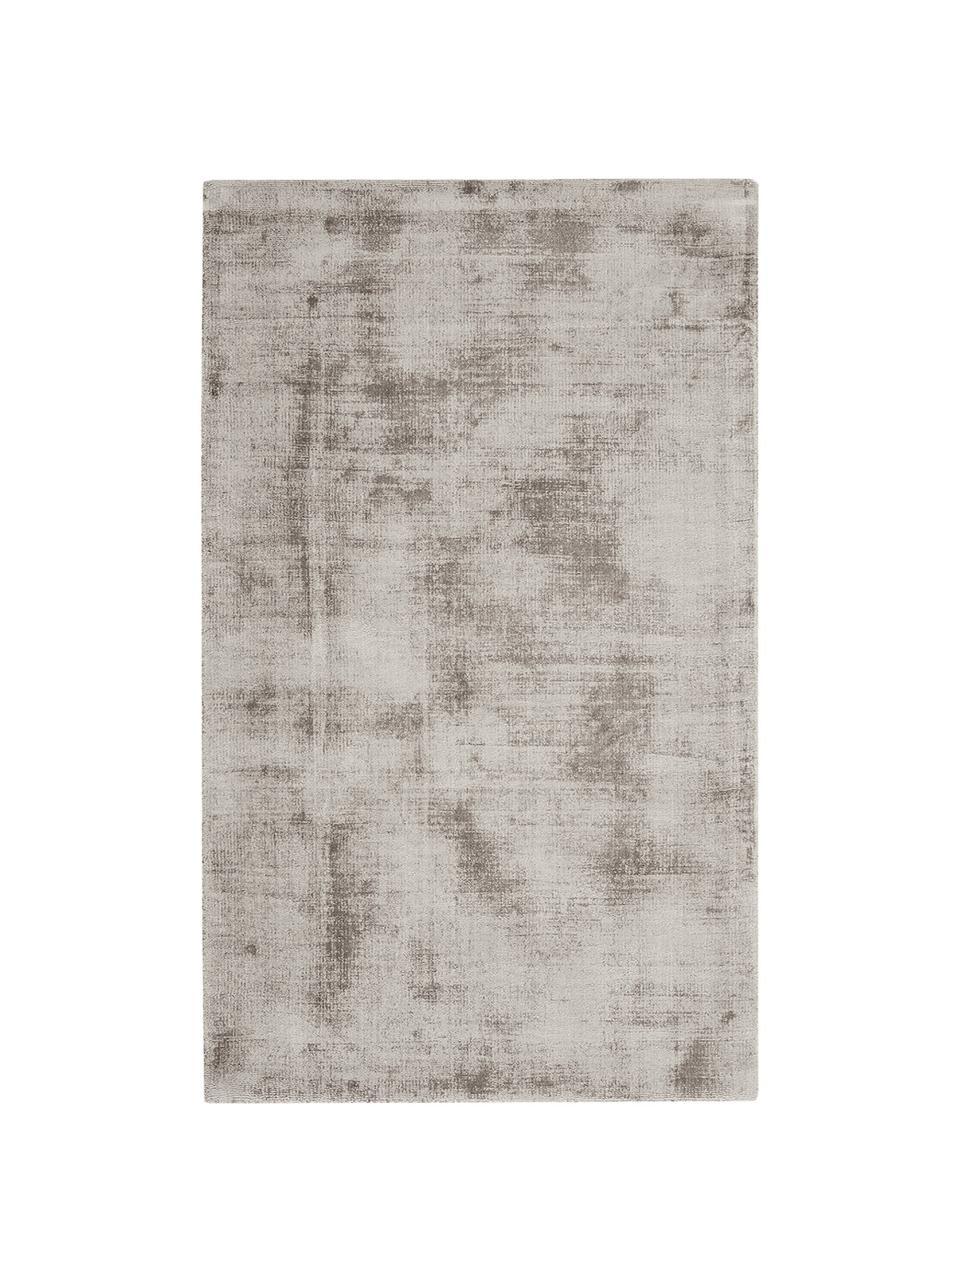 Tappeto in viscosa color taupe tessuto a mano Jane, Retro: 100% cotone, Taupe, Larg.160 x Lung. 230 cm  (taglia M)